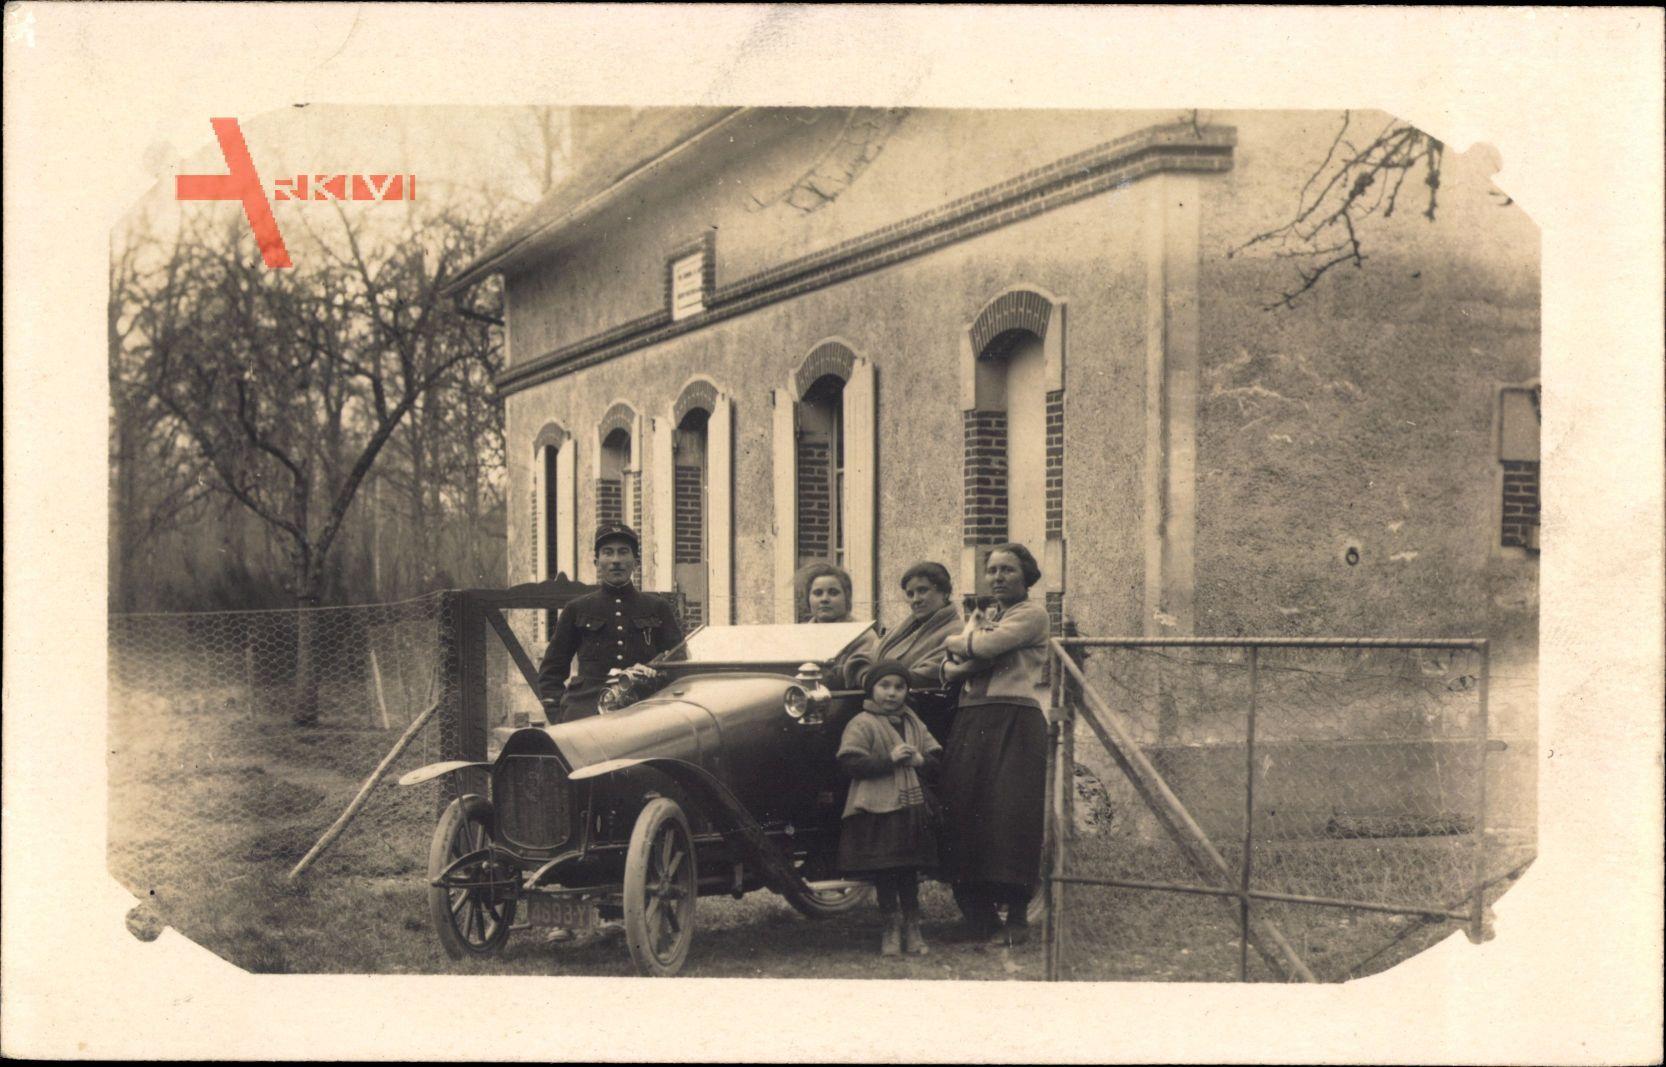 Frankreich, Automobil vor einem Haus, Familienfoto